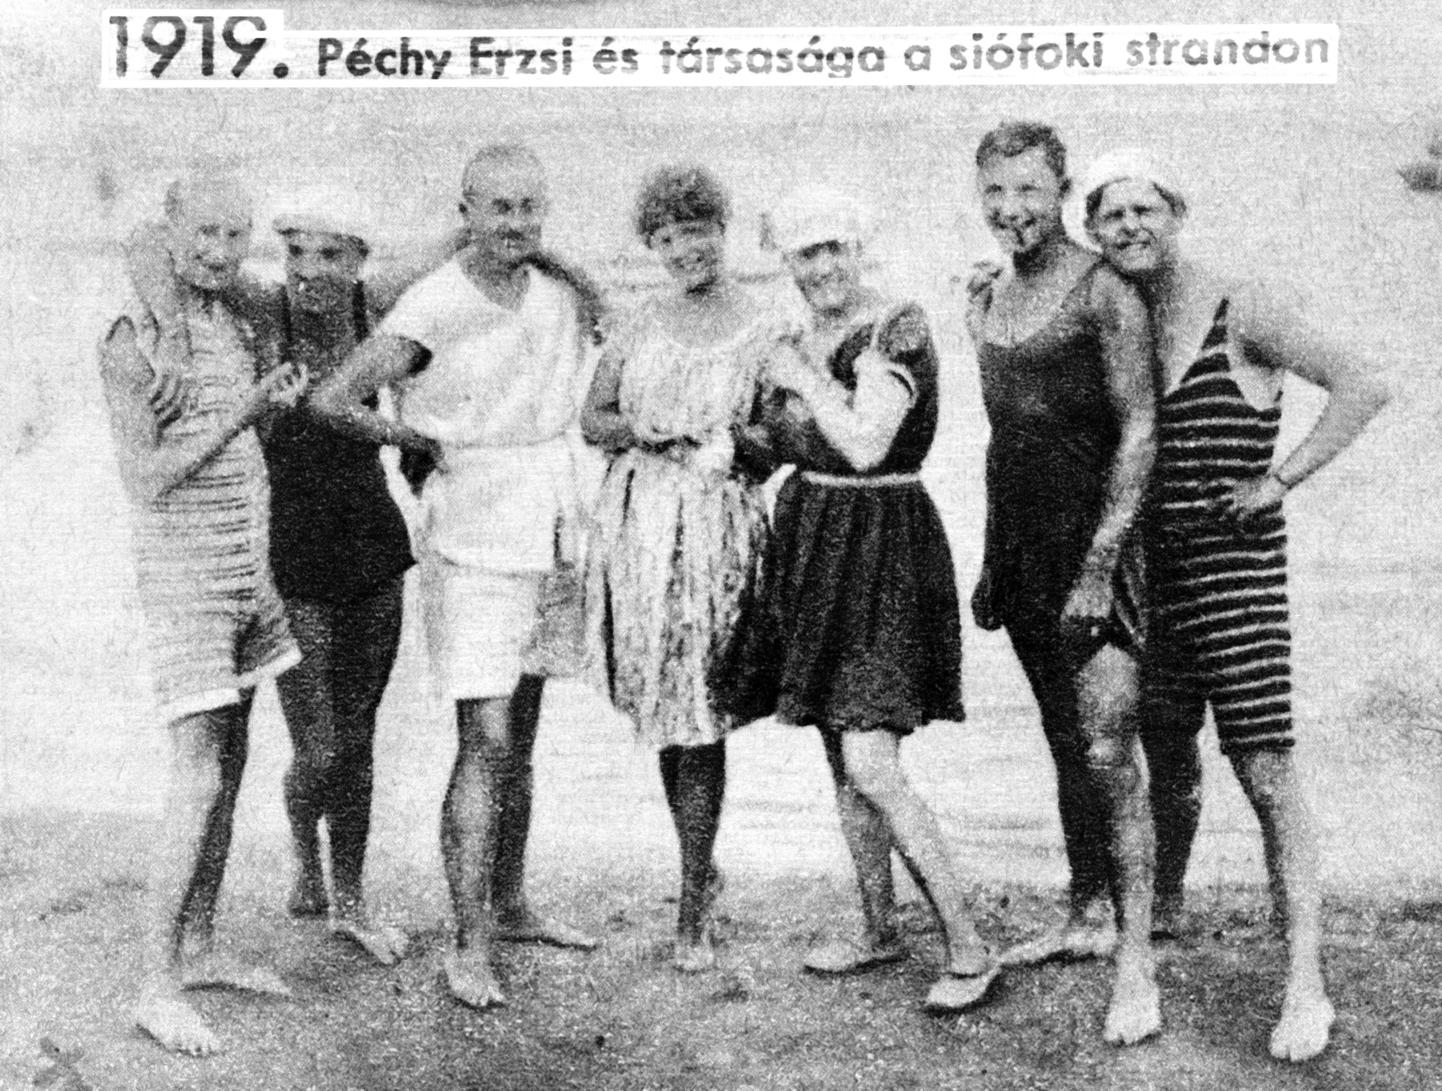 Siófok, 1919. nyár Péchy Erzsi és társasága a siófoki strandon. A felvétel készítésének pontos dátuma ismeretlen. MTI Fotó/Reprodukció